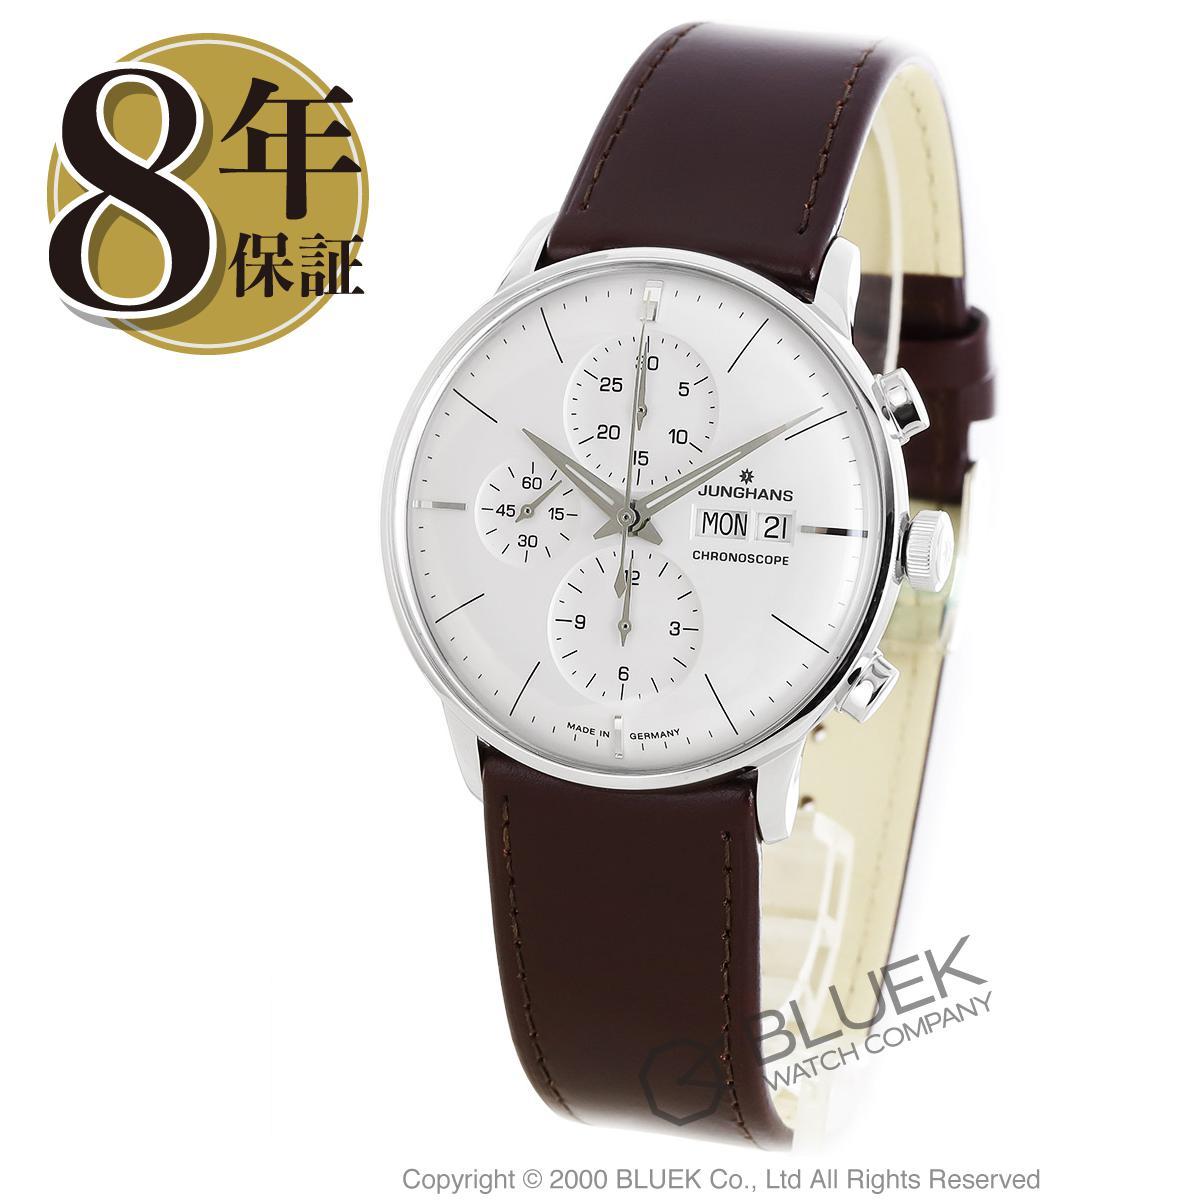 ユンハンス JUNGHANS 腕時計 マイスター クロノスコープ メンズ 027/4120.01_8